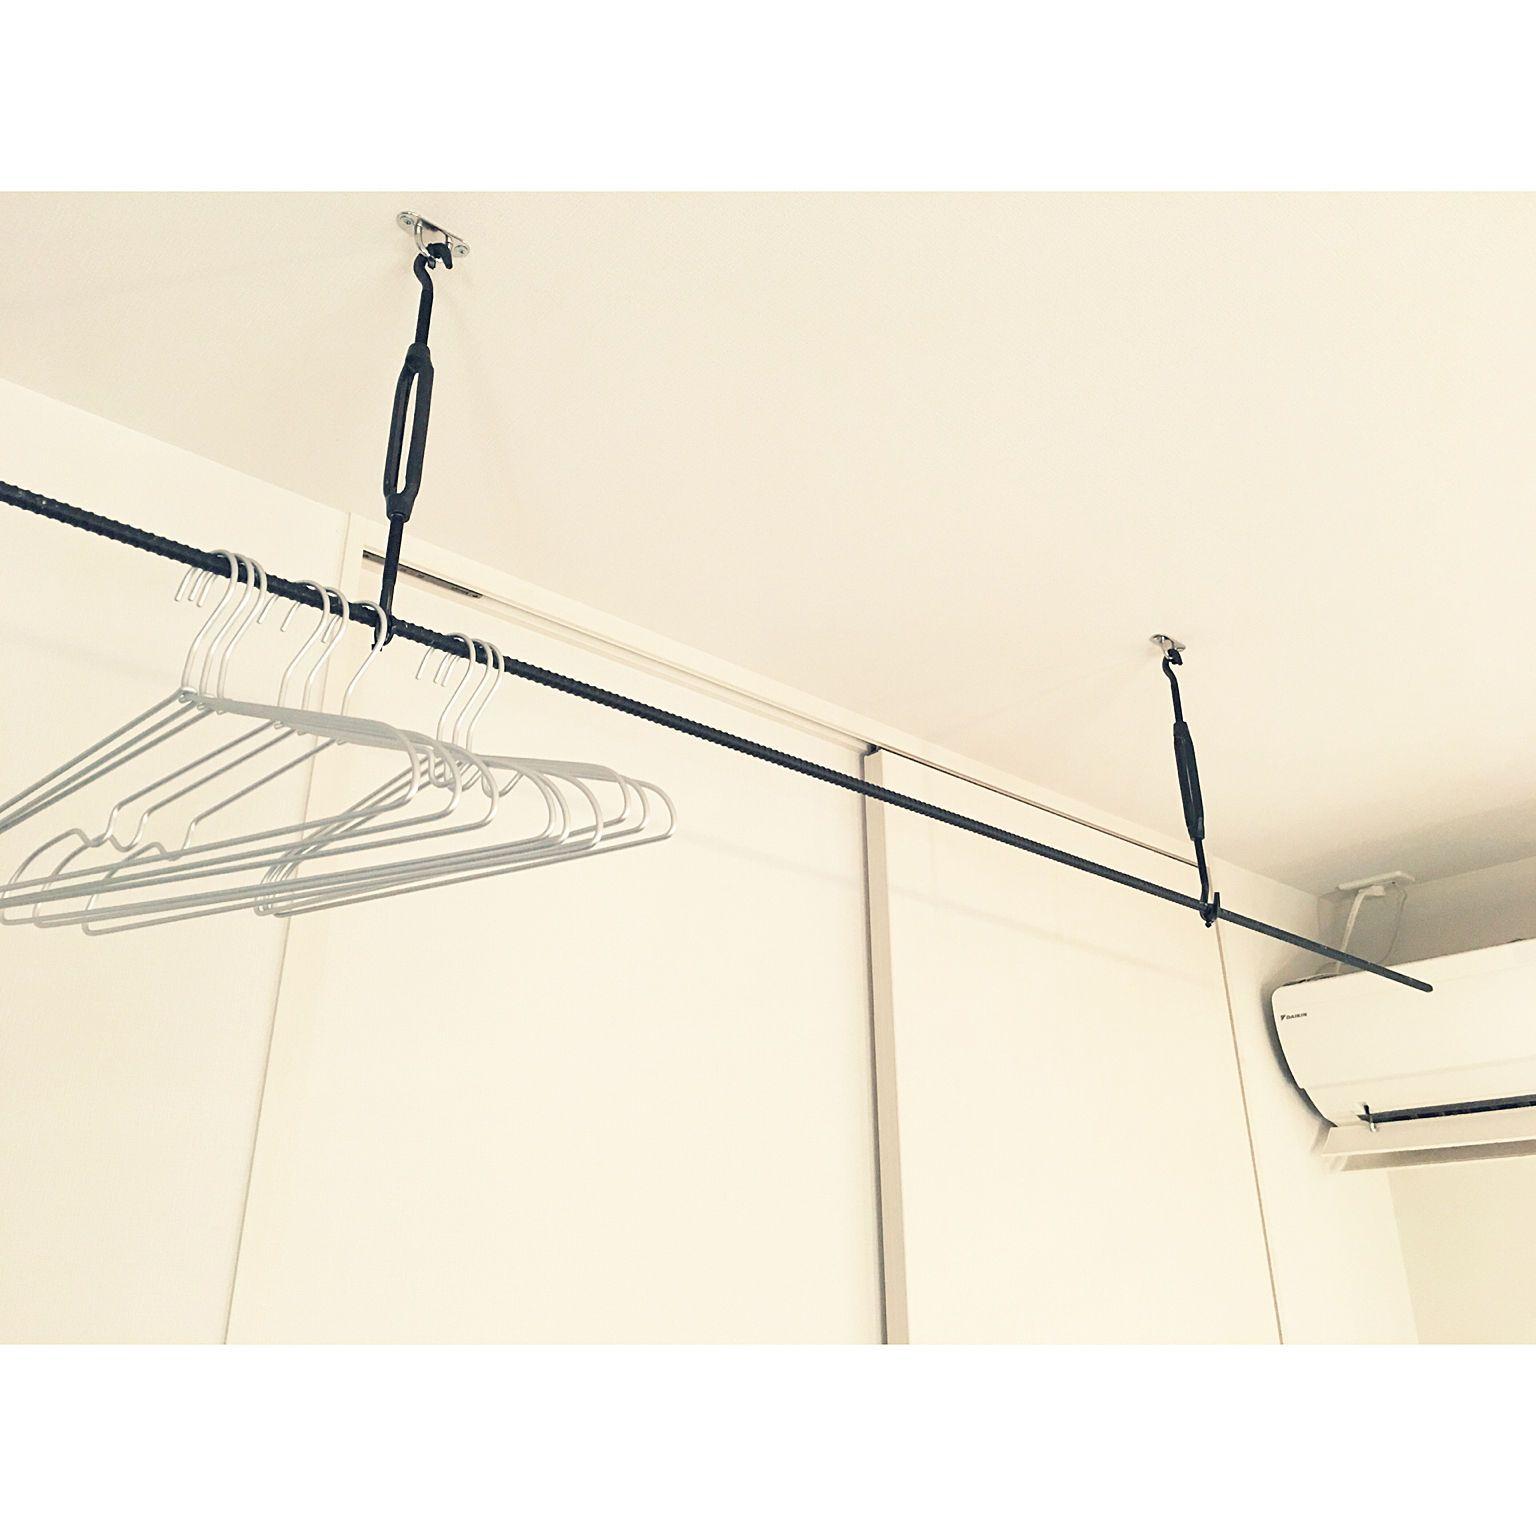 壁 天井 ハンガー 無印良品 ターンバックル 異形鉄筋 などの